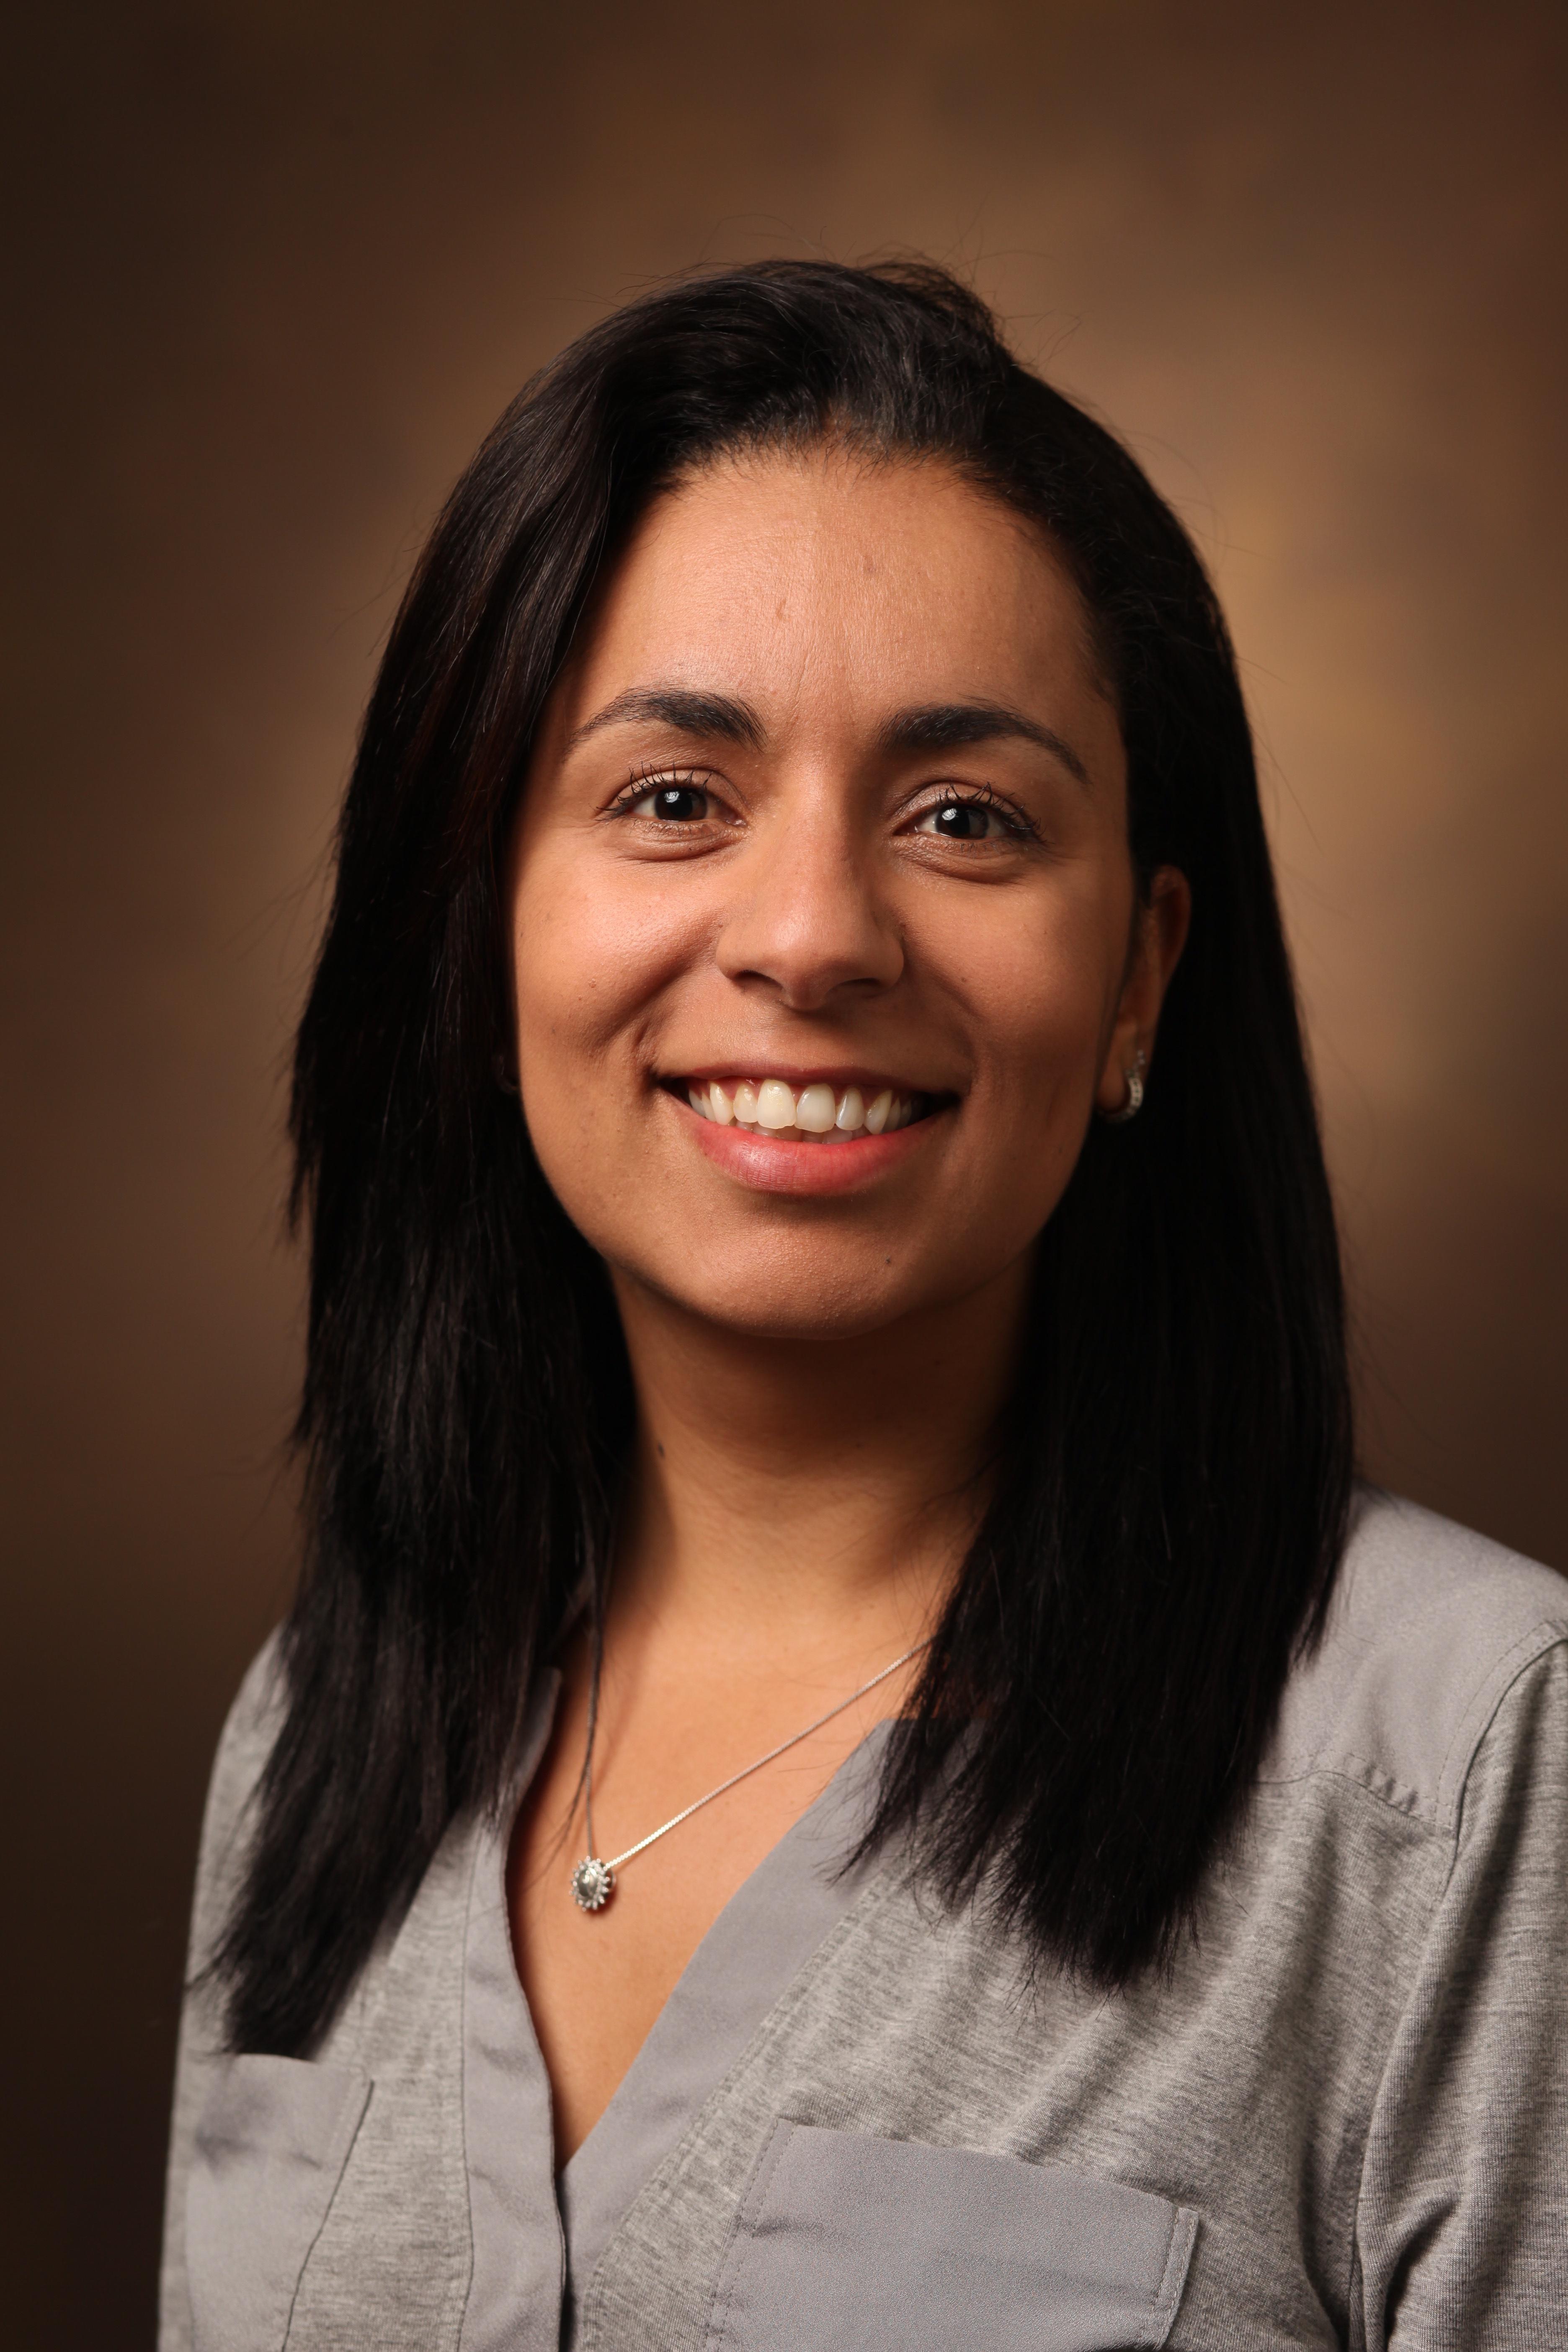 Mariana Byndloss, DVM, PhD